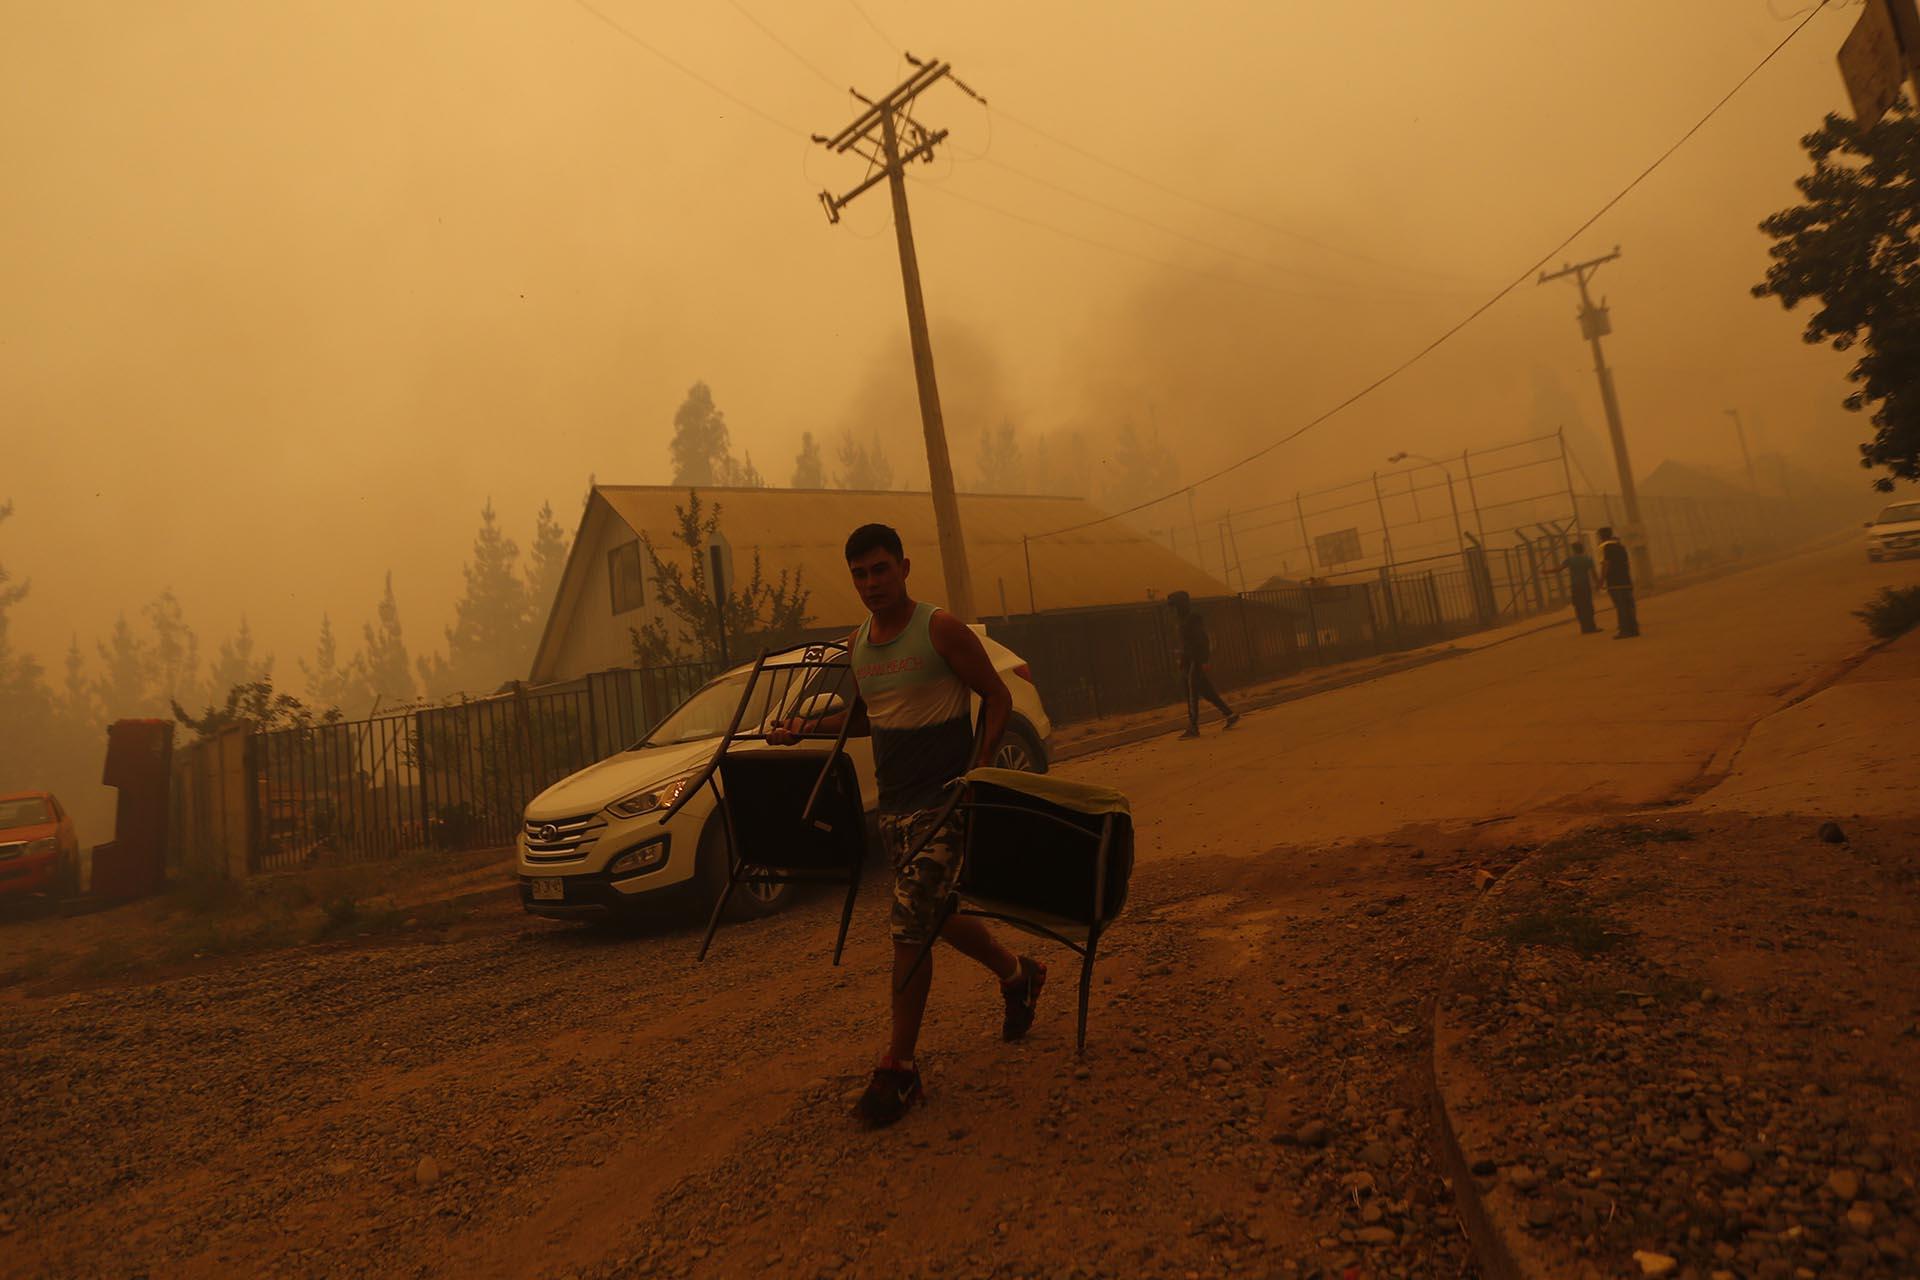 """""""Esto es desesperante. Las llamas se acercan y lo único que podemos hacer es aguantar y rezar"""", dijo a la AFP Sofía, una joven de 19 años vecina de la localidad de Llico, donde decenas de casas fueron evacuadas ante la amenaza del fuego"""